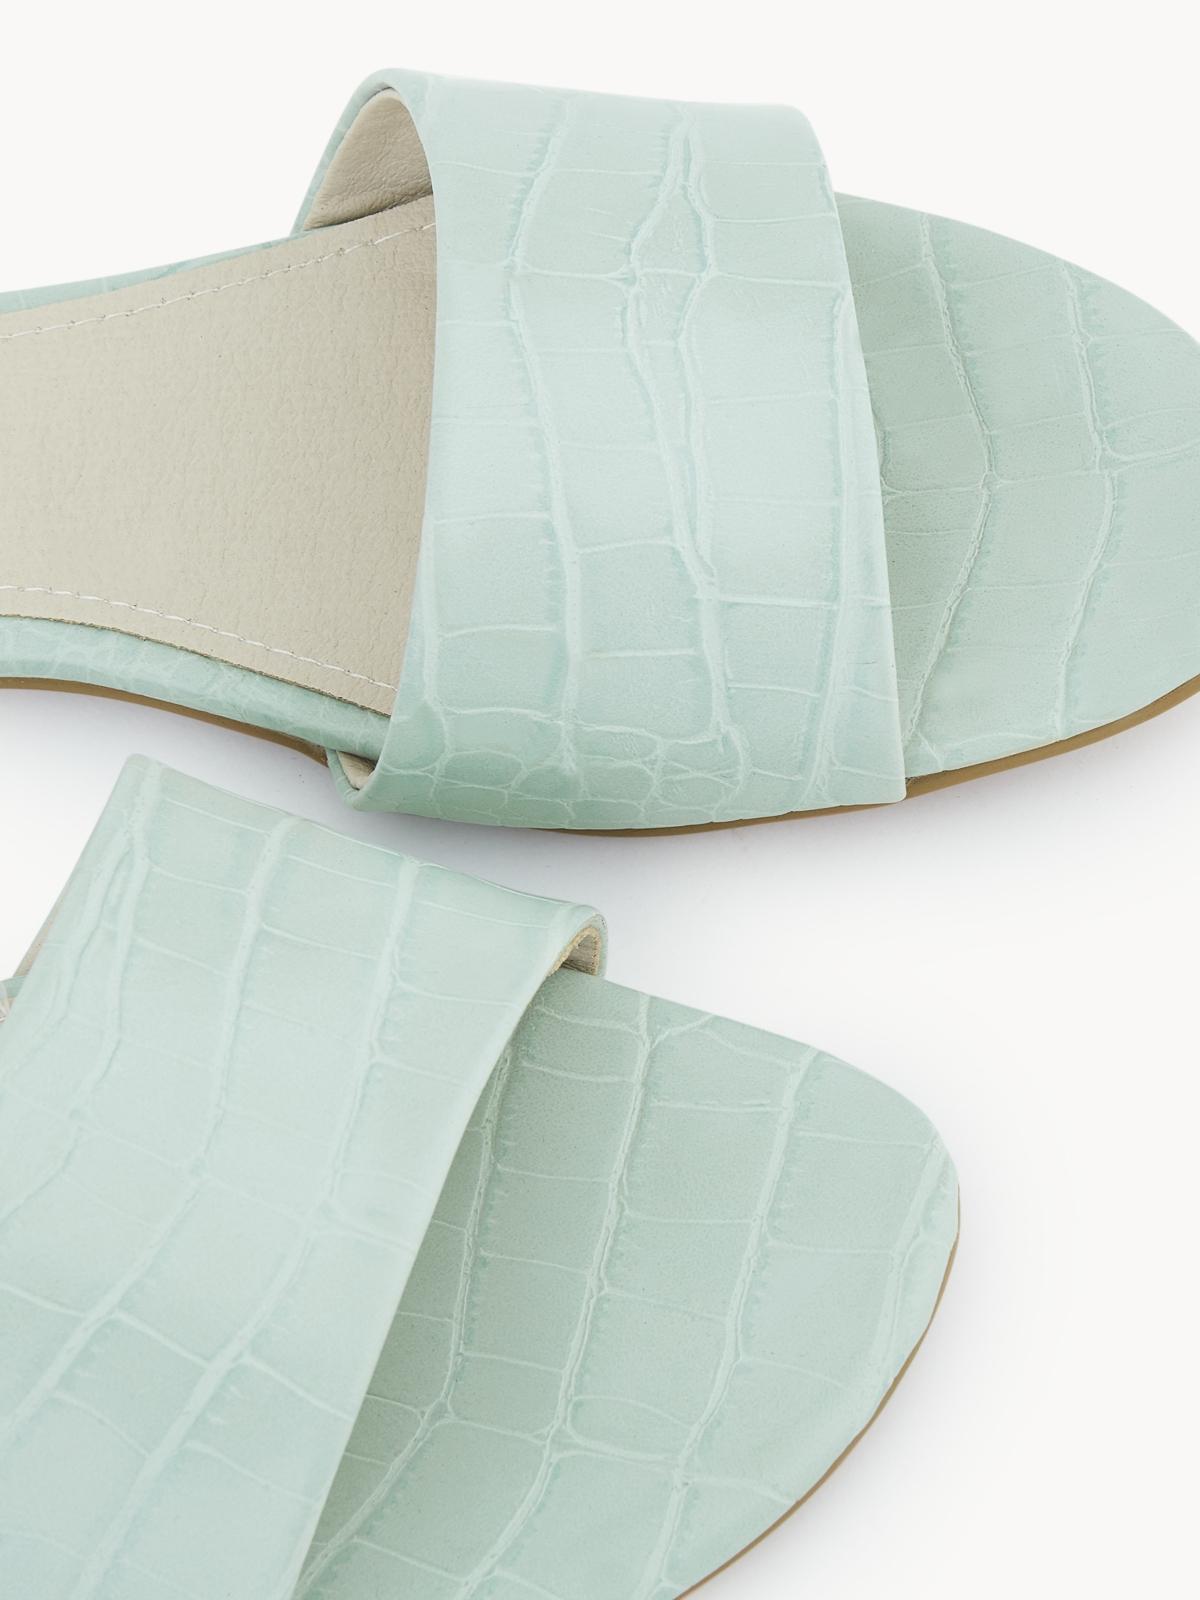 Starkela Flat Sandals Light Green